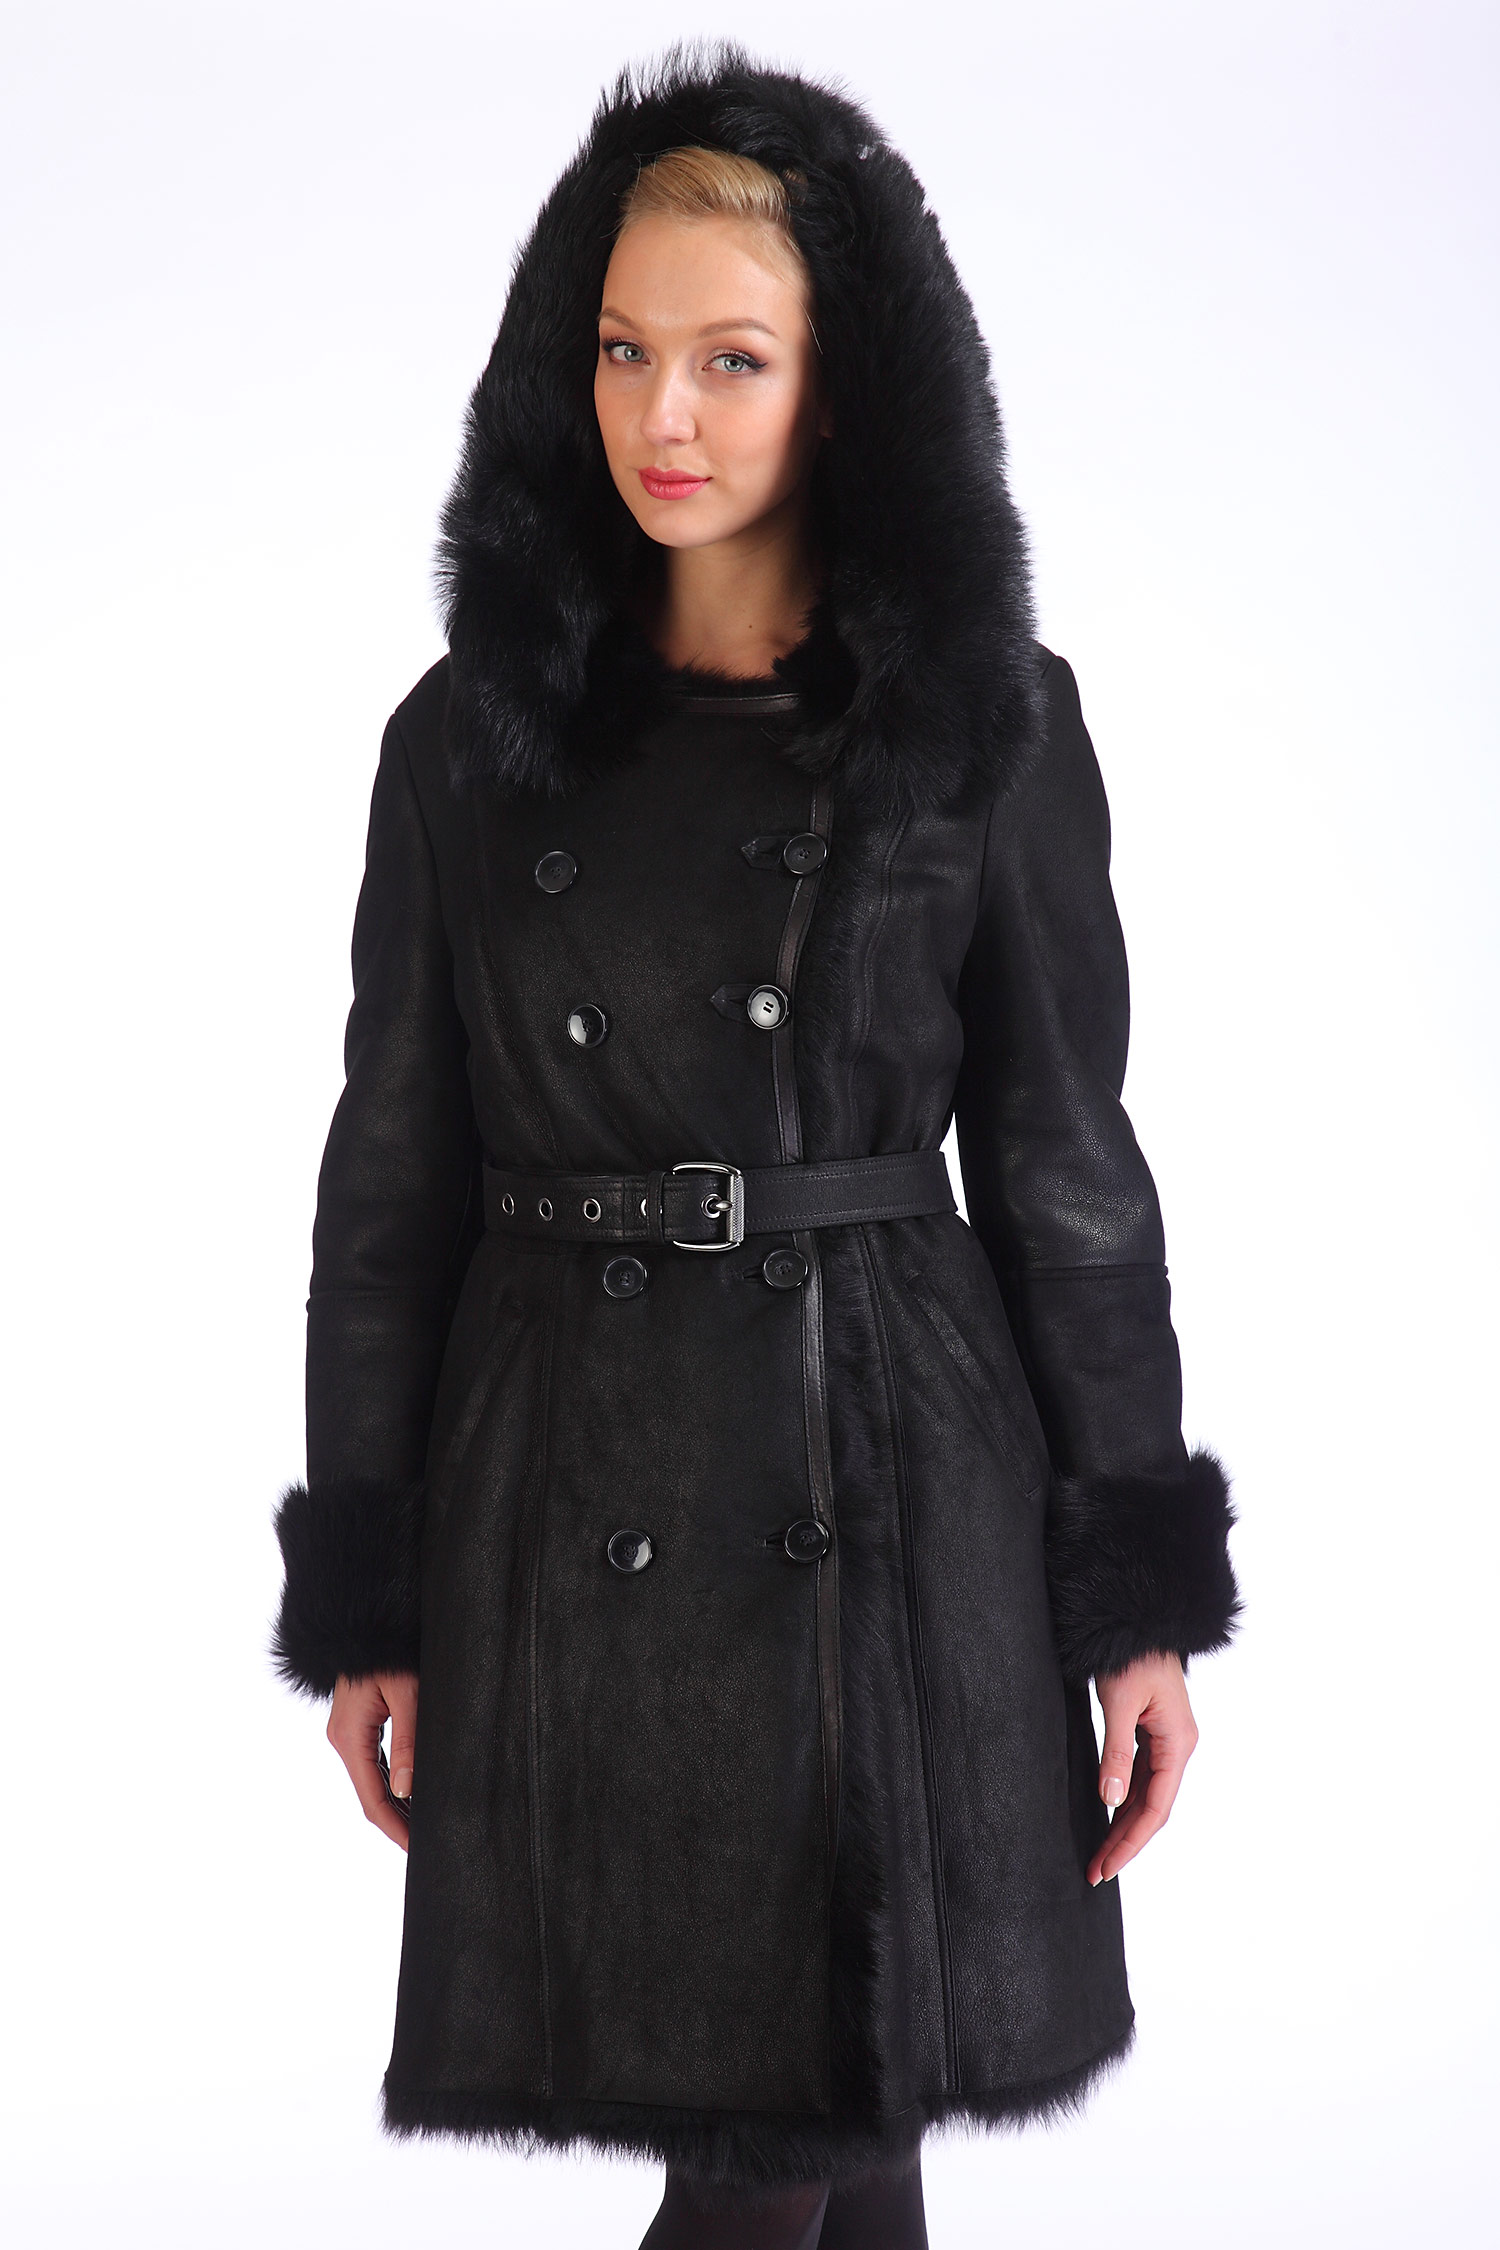 Дубленка женская из натуральной овчины с капюшоном, отделка тосканаЦвет - угольно-черный.<br><br>Модель изготовлена из высококачественной натуральной овчины.<br><br>Удобная, красивая и очень теплая дубленка станет незаменимой в зимний период. Очень женственный приталенный силуэт дополнительно оформлен поясом. Модель с застежкой на пуговицы дополнена боковыми карманами и удобным несъемным капюшоном. Манжеты и капюшон оторочены натуральным мехом тосканы. Комфортная длина позволит носить как брючные костюмы, так и юбки.<br><br>Воротник: капюшон<br>Длина см: Длинная (свыше 90)<br>Материал: Овчина-крек<br>Цвет: черный<br>Вид застежки: двубортная<br>Застежка: пуговицы<br>Пол: Женский<br>Размер RU: 50